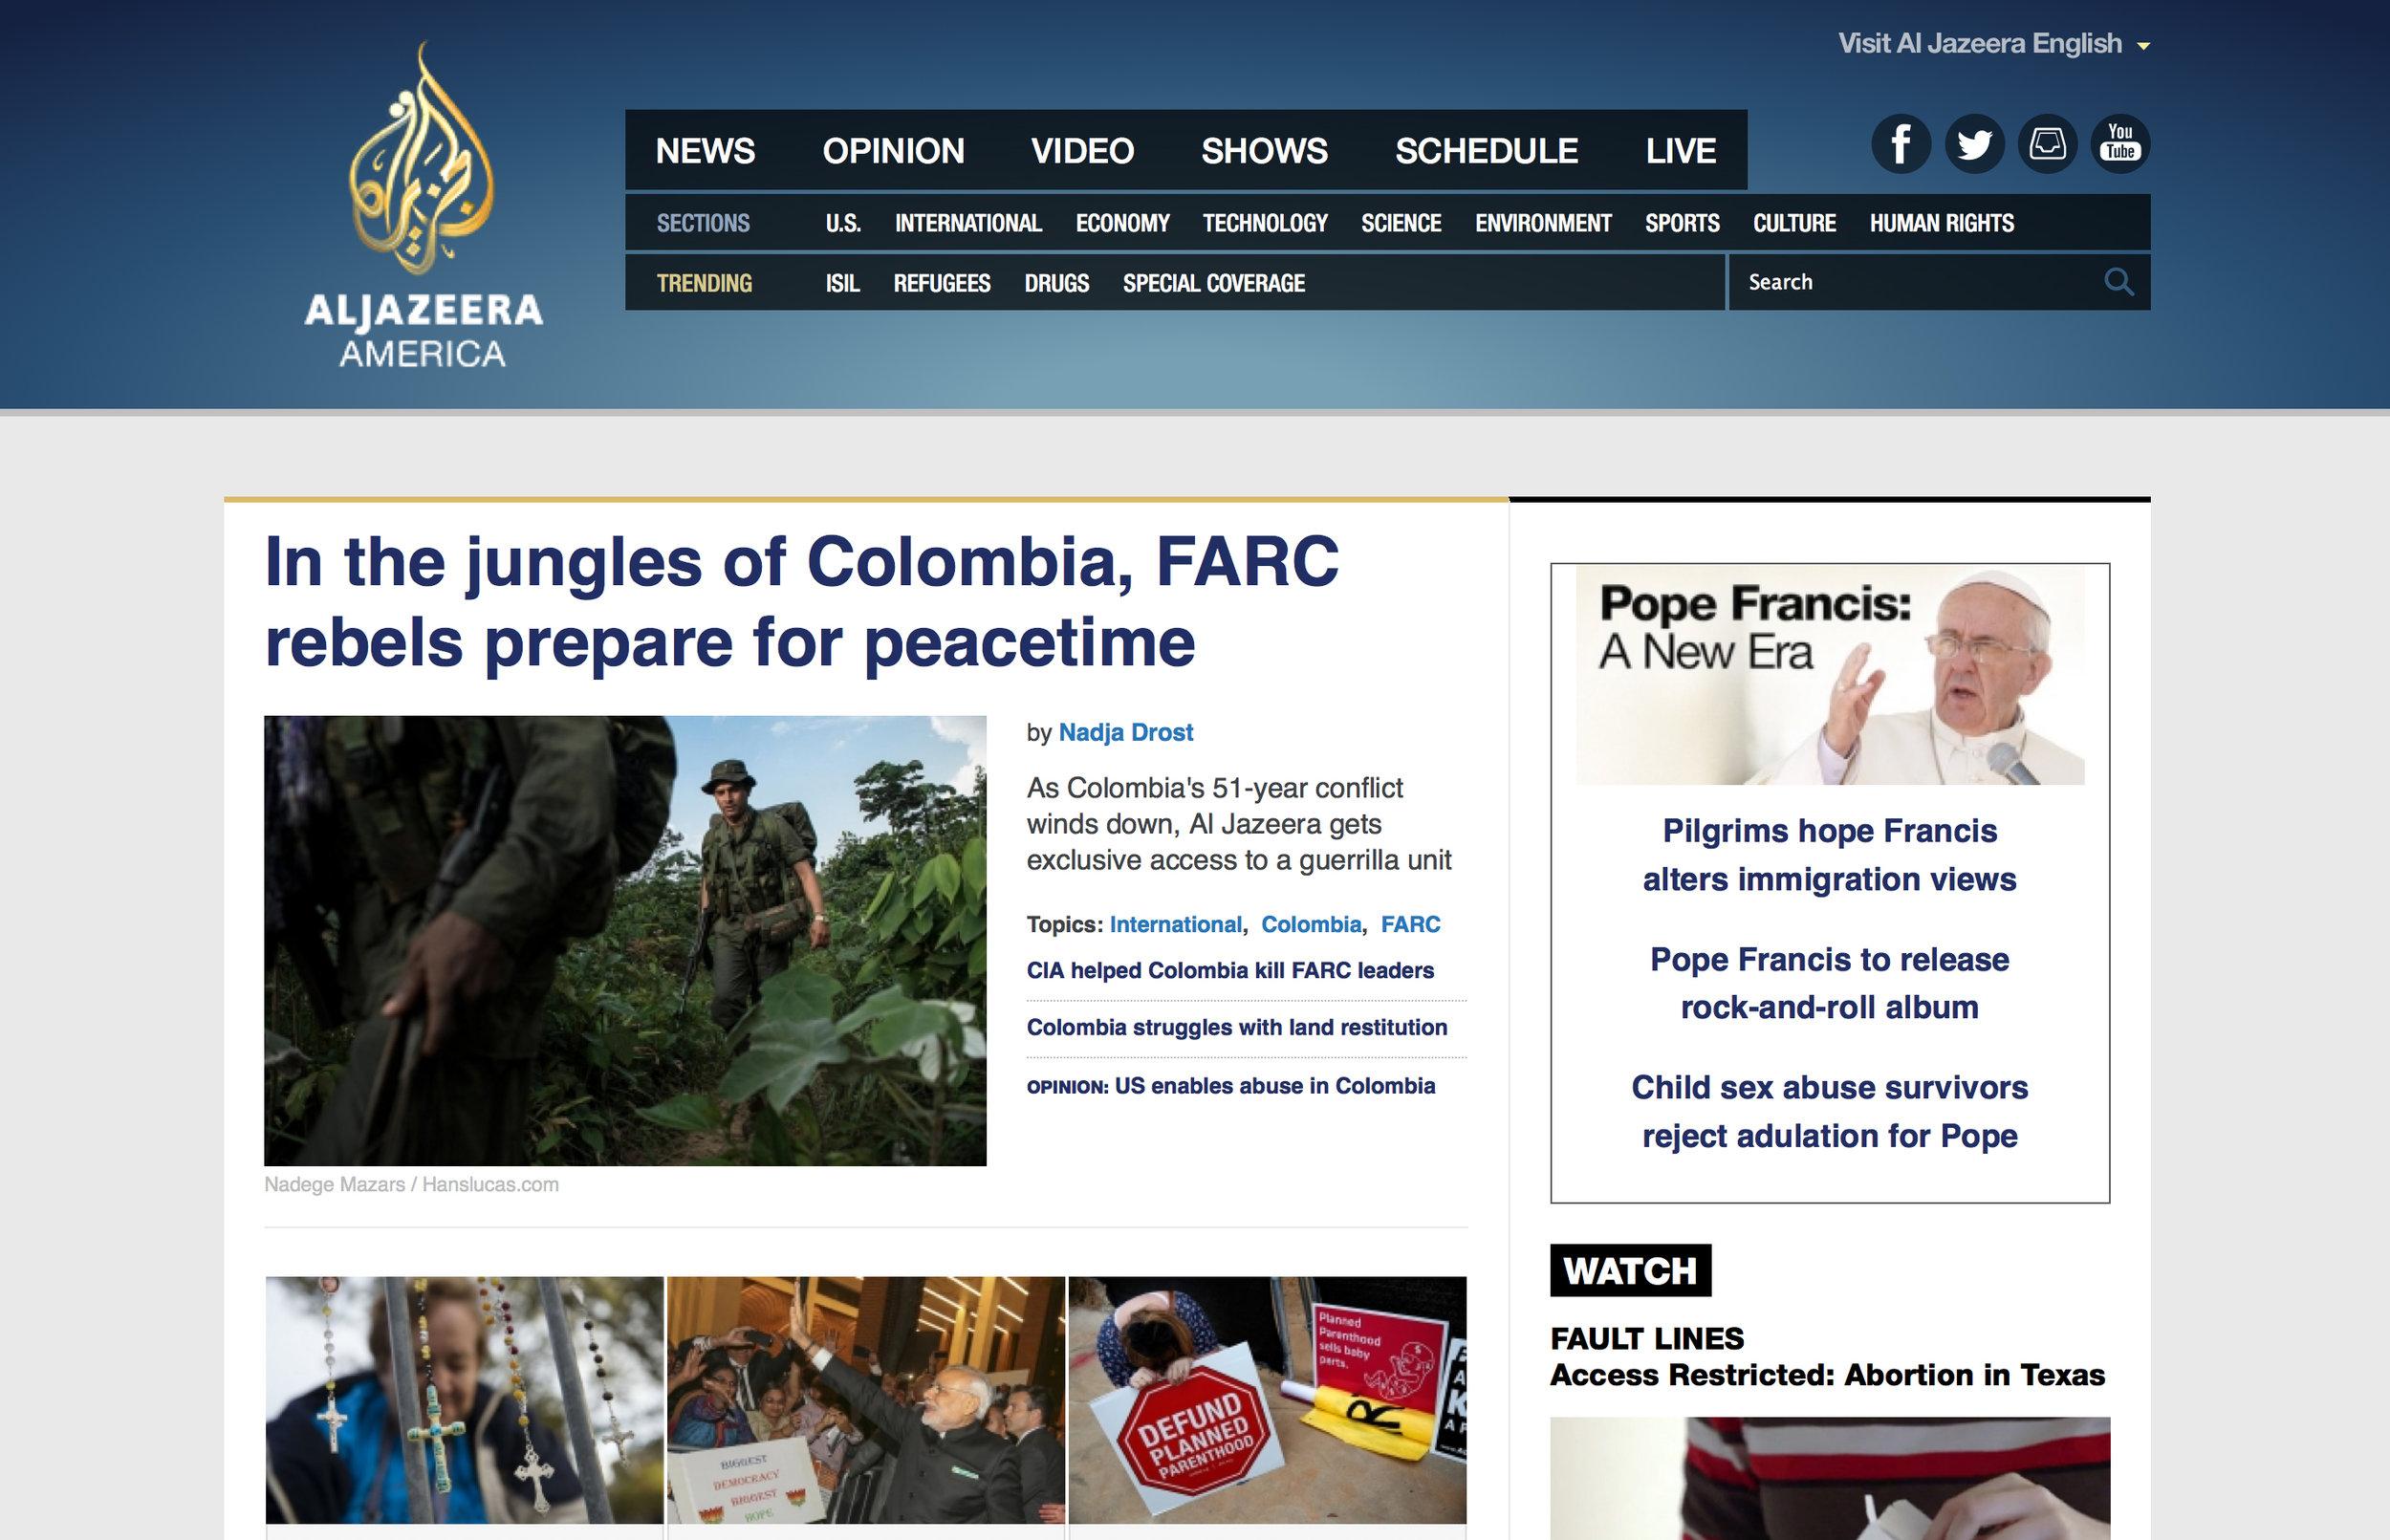 Publi_Al_Jazeera_AM_27sept2015.jpg